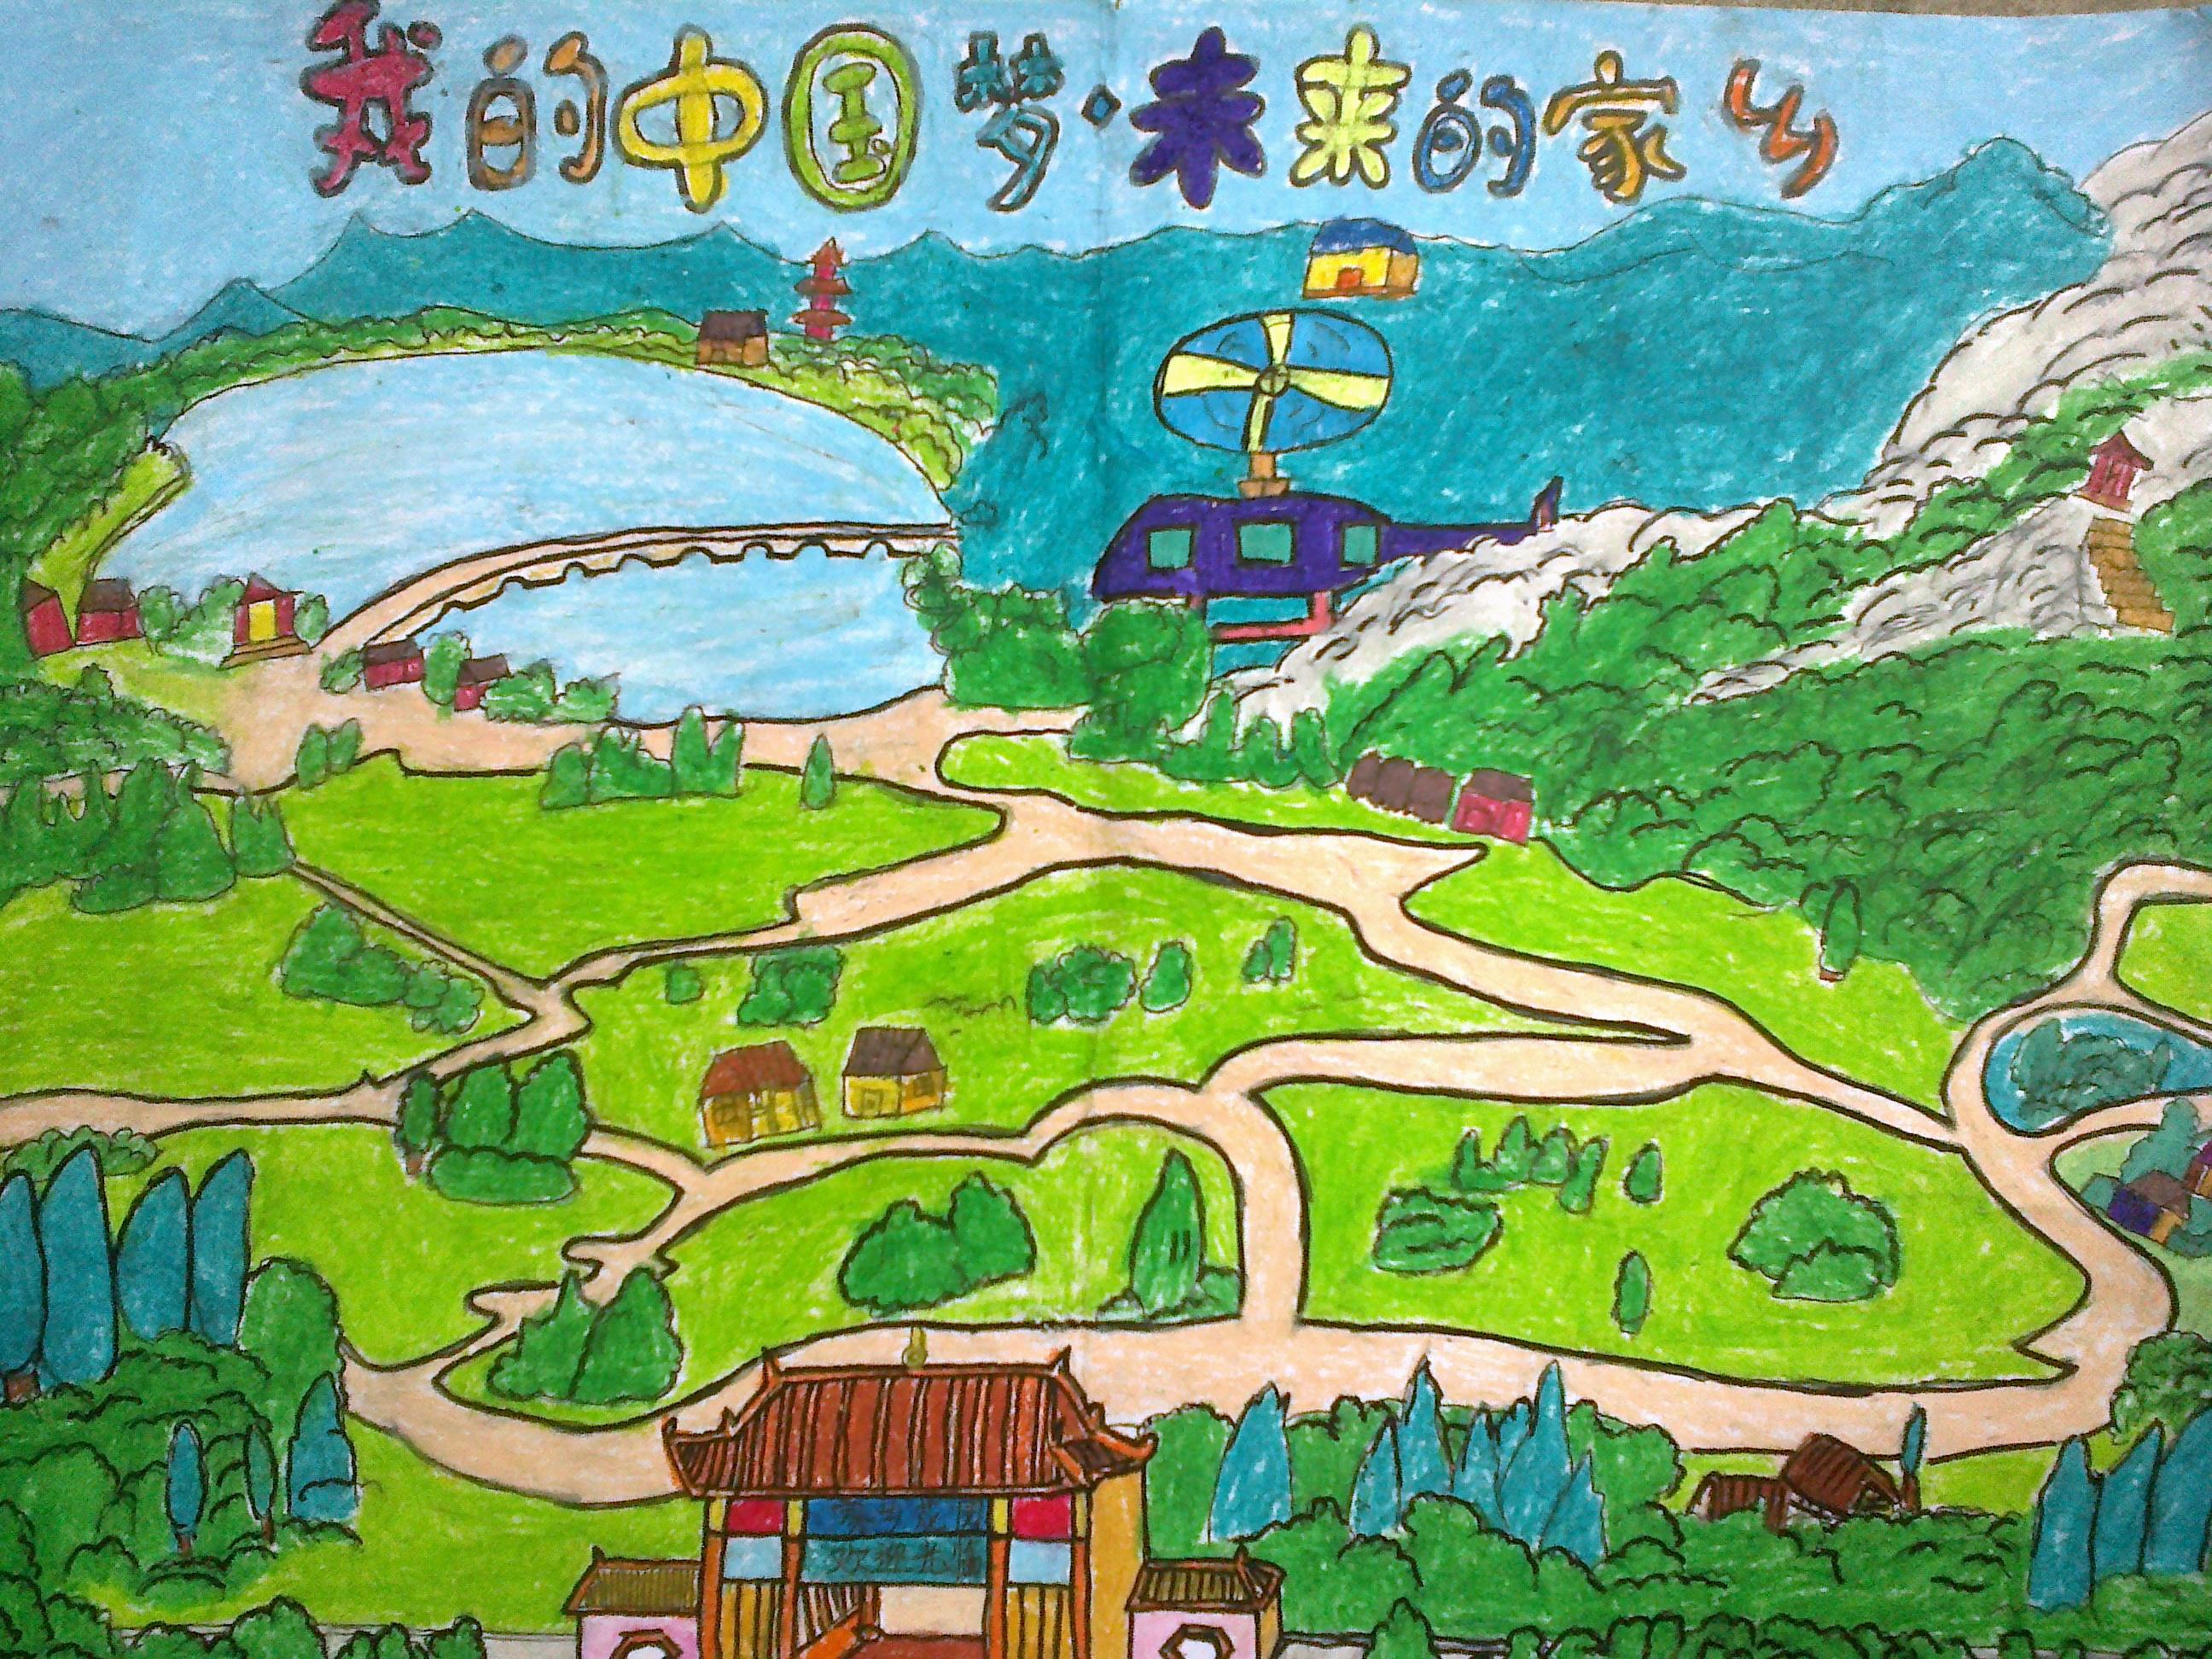 校园,春天,家乡的手绘画彩铅